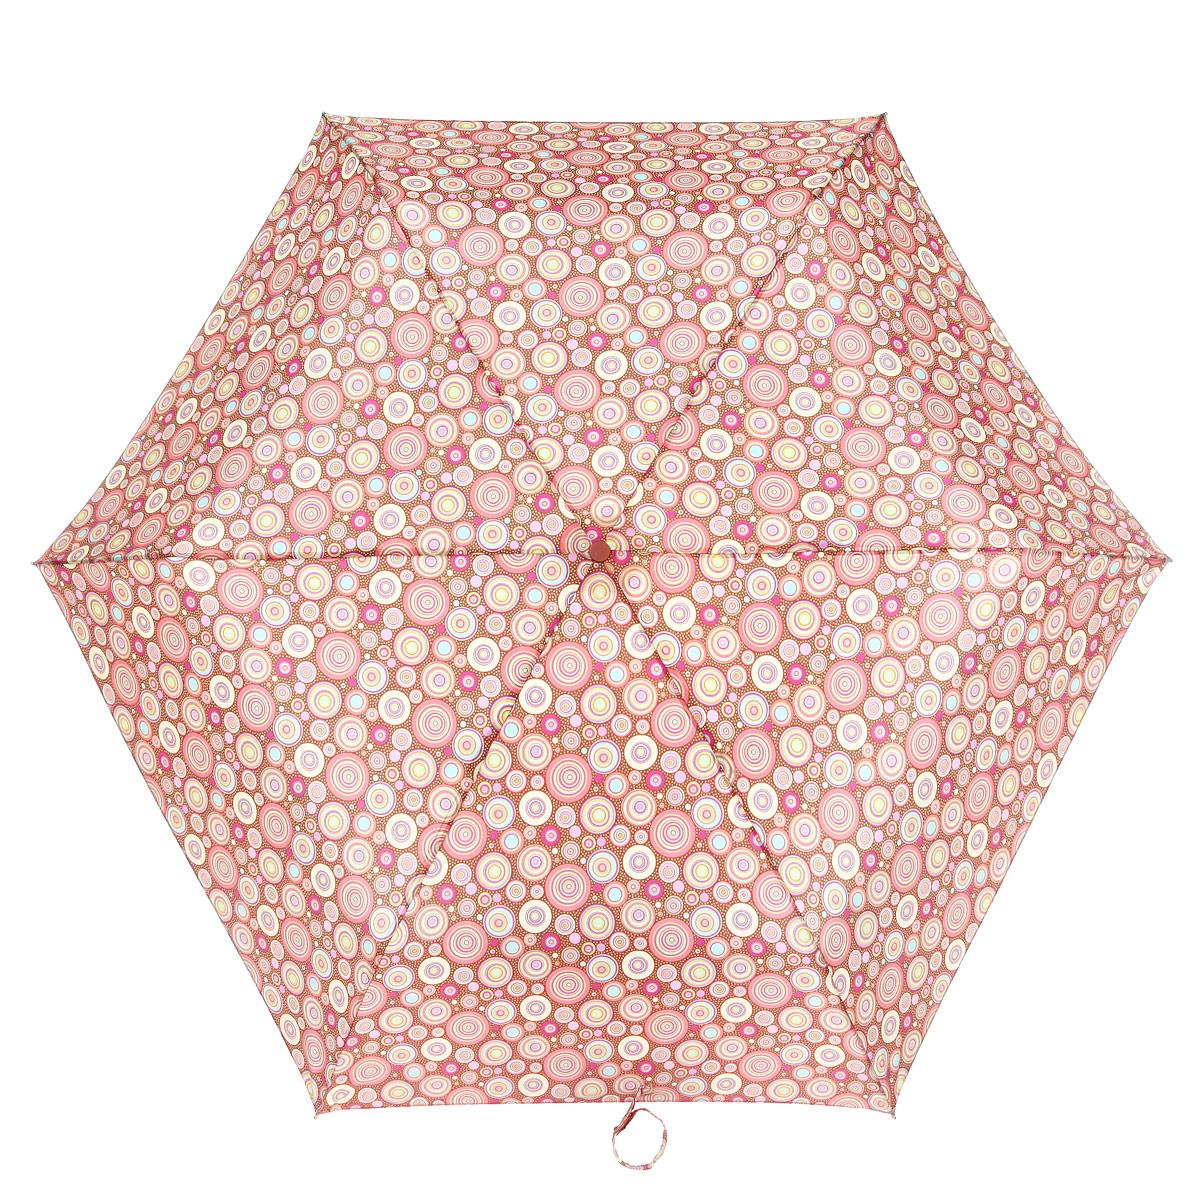 Зонт женский Fulton Superslim-2. Kaleidoscope, автомат, 3 сложения, цвет: розовый. желтый, коричневый. J739-2419J739-2419Очаровательный автоматический зонт Superslim. Kaleidoscope в 3 сложения изготовлен из высокопрочных материалов. Каркас зонта состоит из 6 спиц и прочного алюминиевого стержня. Купол зонта выполнен из прочного полиэстера с водоотталкивающей пропиткой и оформлен изображением в виде разноцветных кругов. Рукоятка изготовлена из пластика. Зонт имеет автоматический механизм сложения: Зонт имеет автоматический механизм сложения: купол открывается и закрывается нажатием кнопки на рукоятке, стержень складывается вручную до характерного щелчка, благодаря чему открыть и закрыть зонт можно одной рукой, что чрезвычайно удобно при входе в транспорт или помещение. Небольшой шнурок, расположенный на рукоятке, позволяет надеть изделие на руку при необходимости. Модель закрывается при помощи хлястика на липучку. К зонту прилагается чехол. Прелестный зонт не только выручит вас в ненастную погоду, но и станет стильным аксессуаром, прекрасно дополнит ваш модный образ.